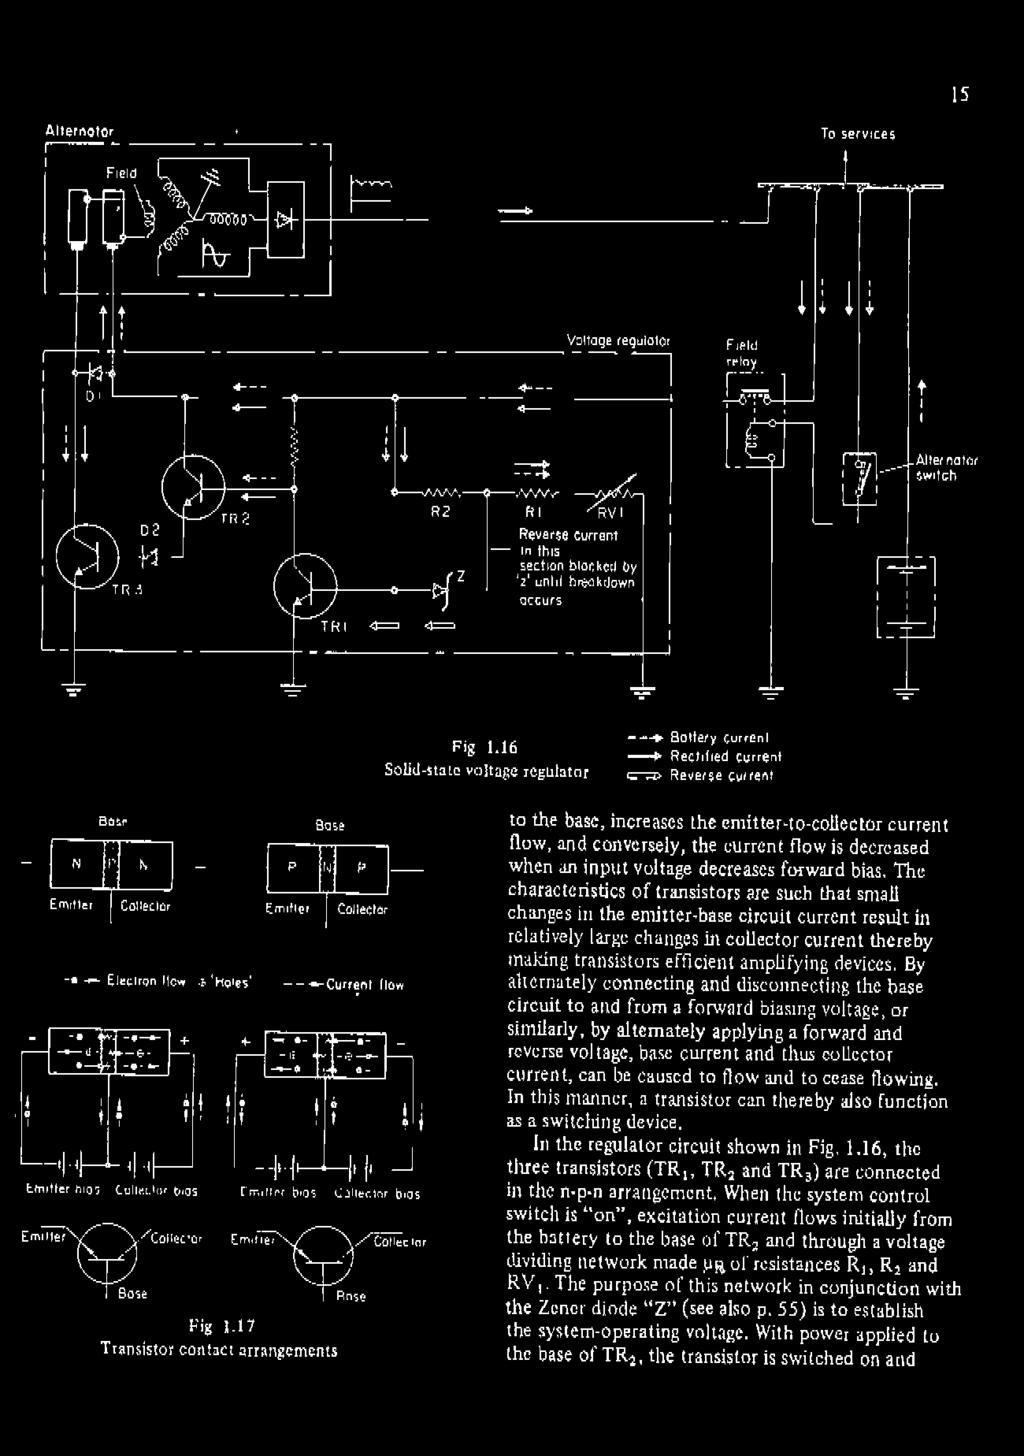 hight resolution of lt reverse current i n em ller bose elee1 on